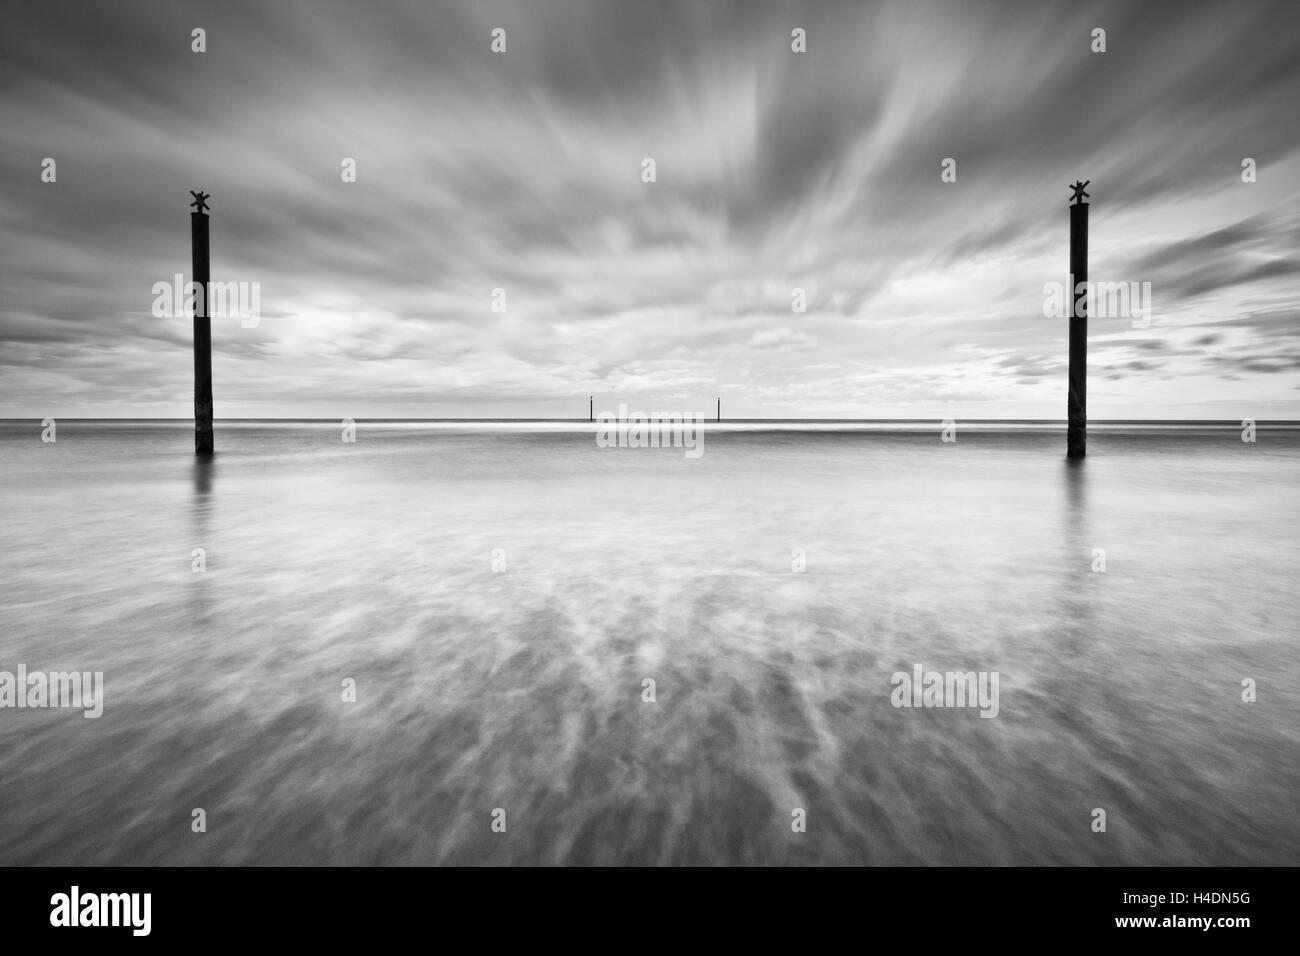 Postes guía de navegación en el Mar del Norte frente a la costa de Northumberland en un día nublado, la larga exposición efecto creativo Foto de stock